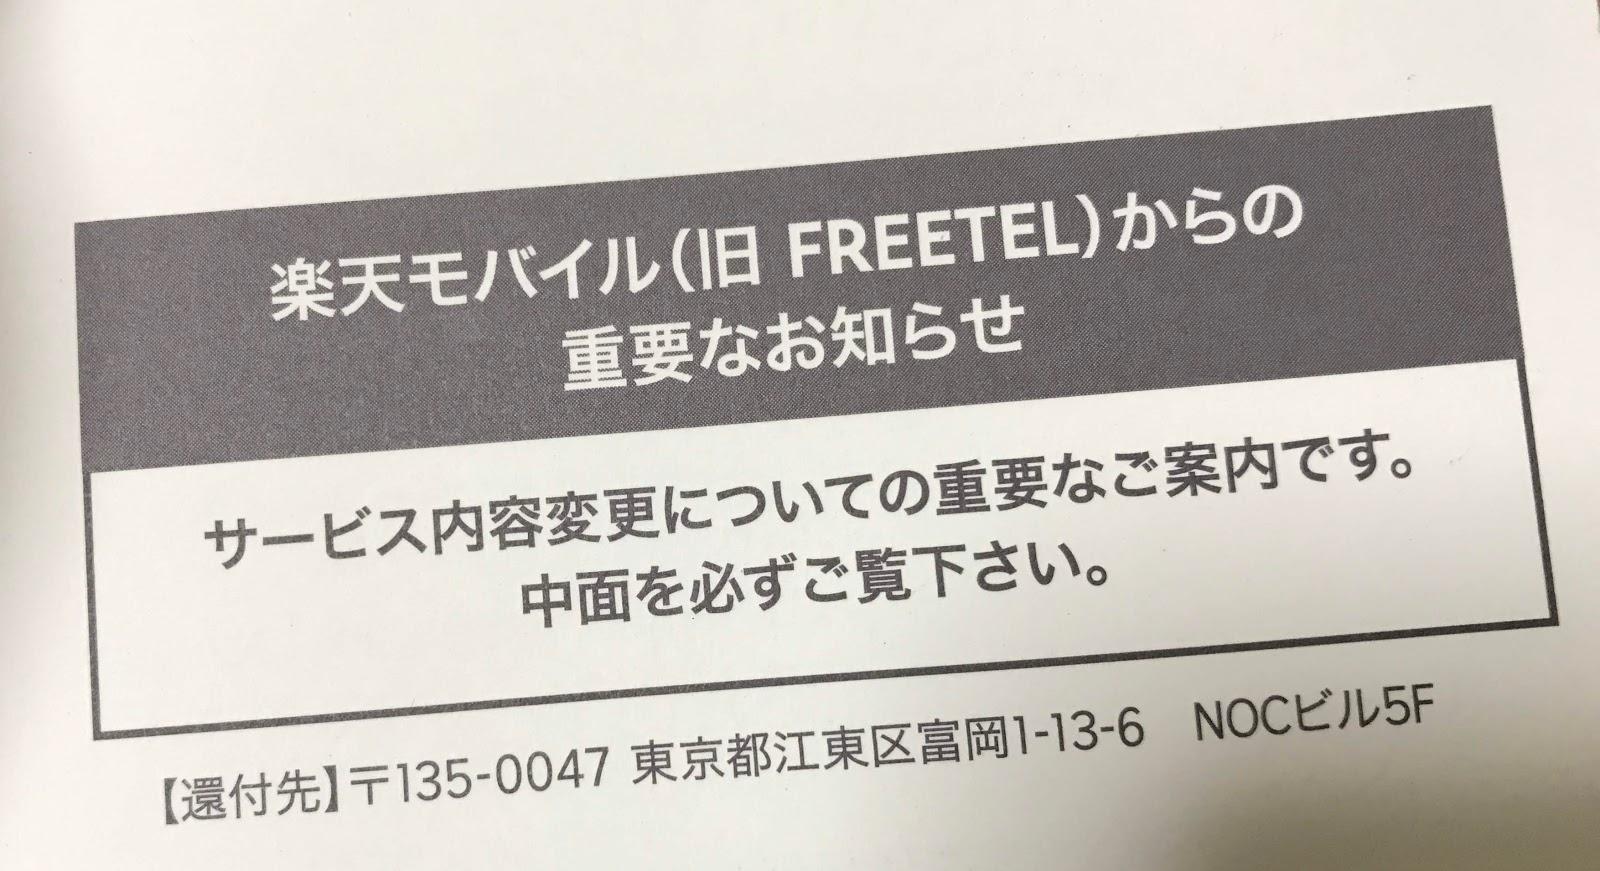 旧FREETEL SIM カウントフリーが終了